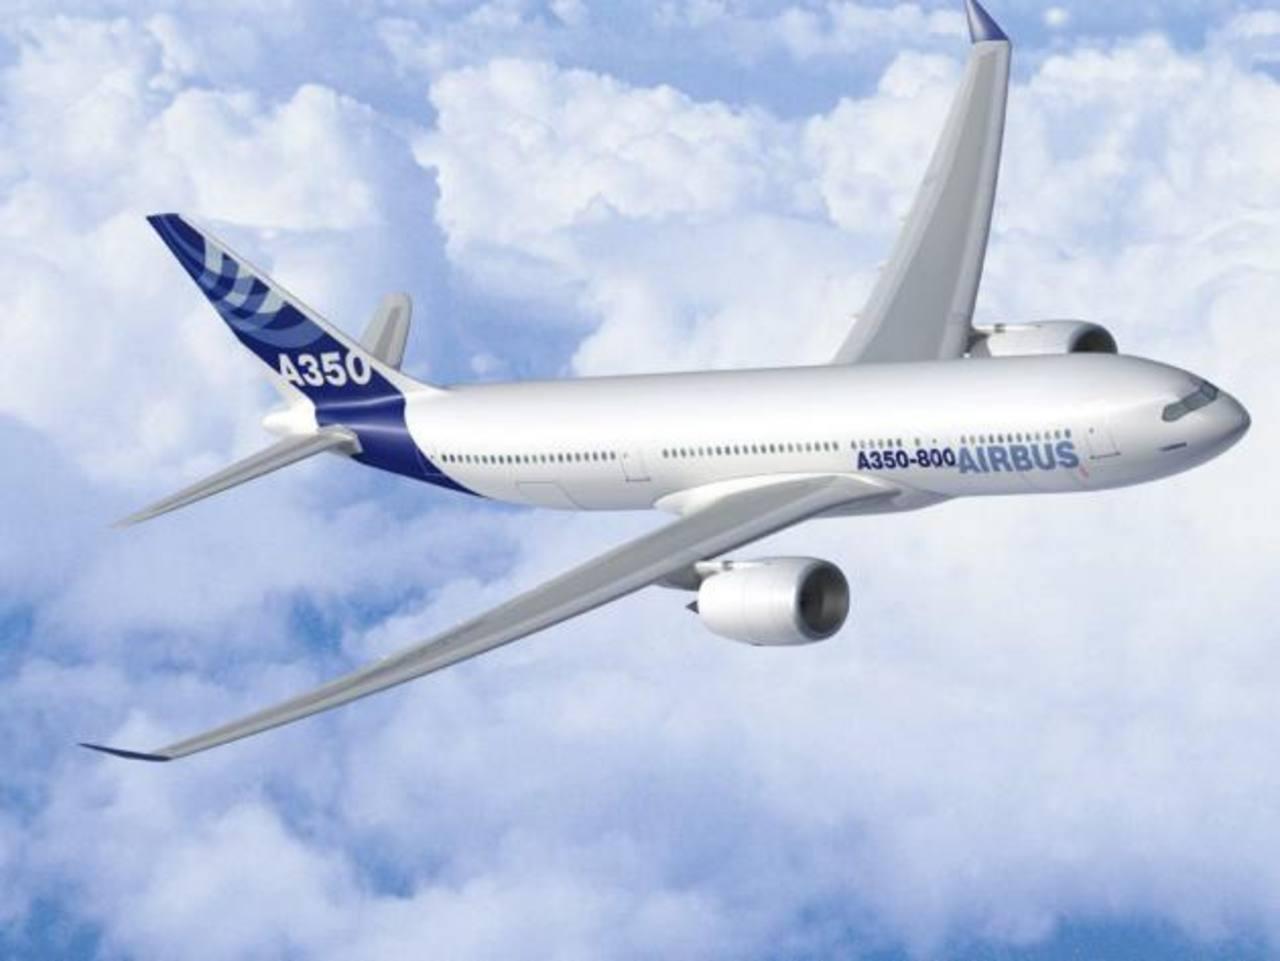 Airbus, con sede en Francia, se ha convertido en la actualidad en el mayor fabricante de aviones y equipos aeroespaciales del mundo.